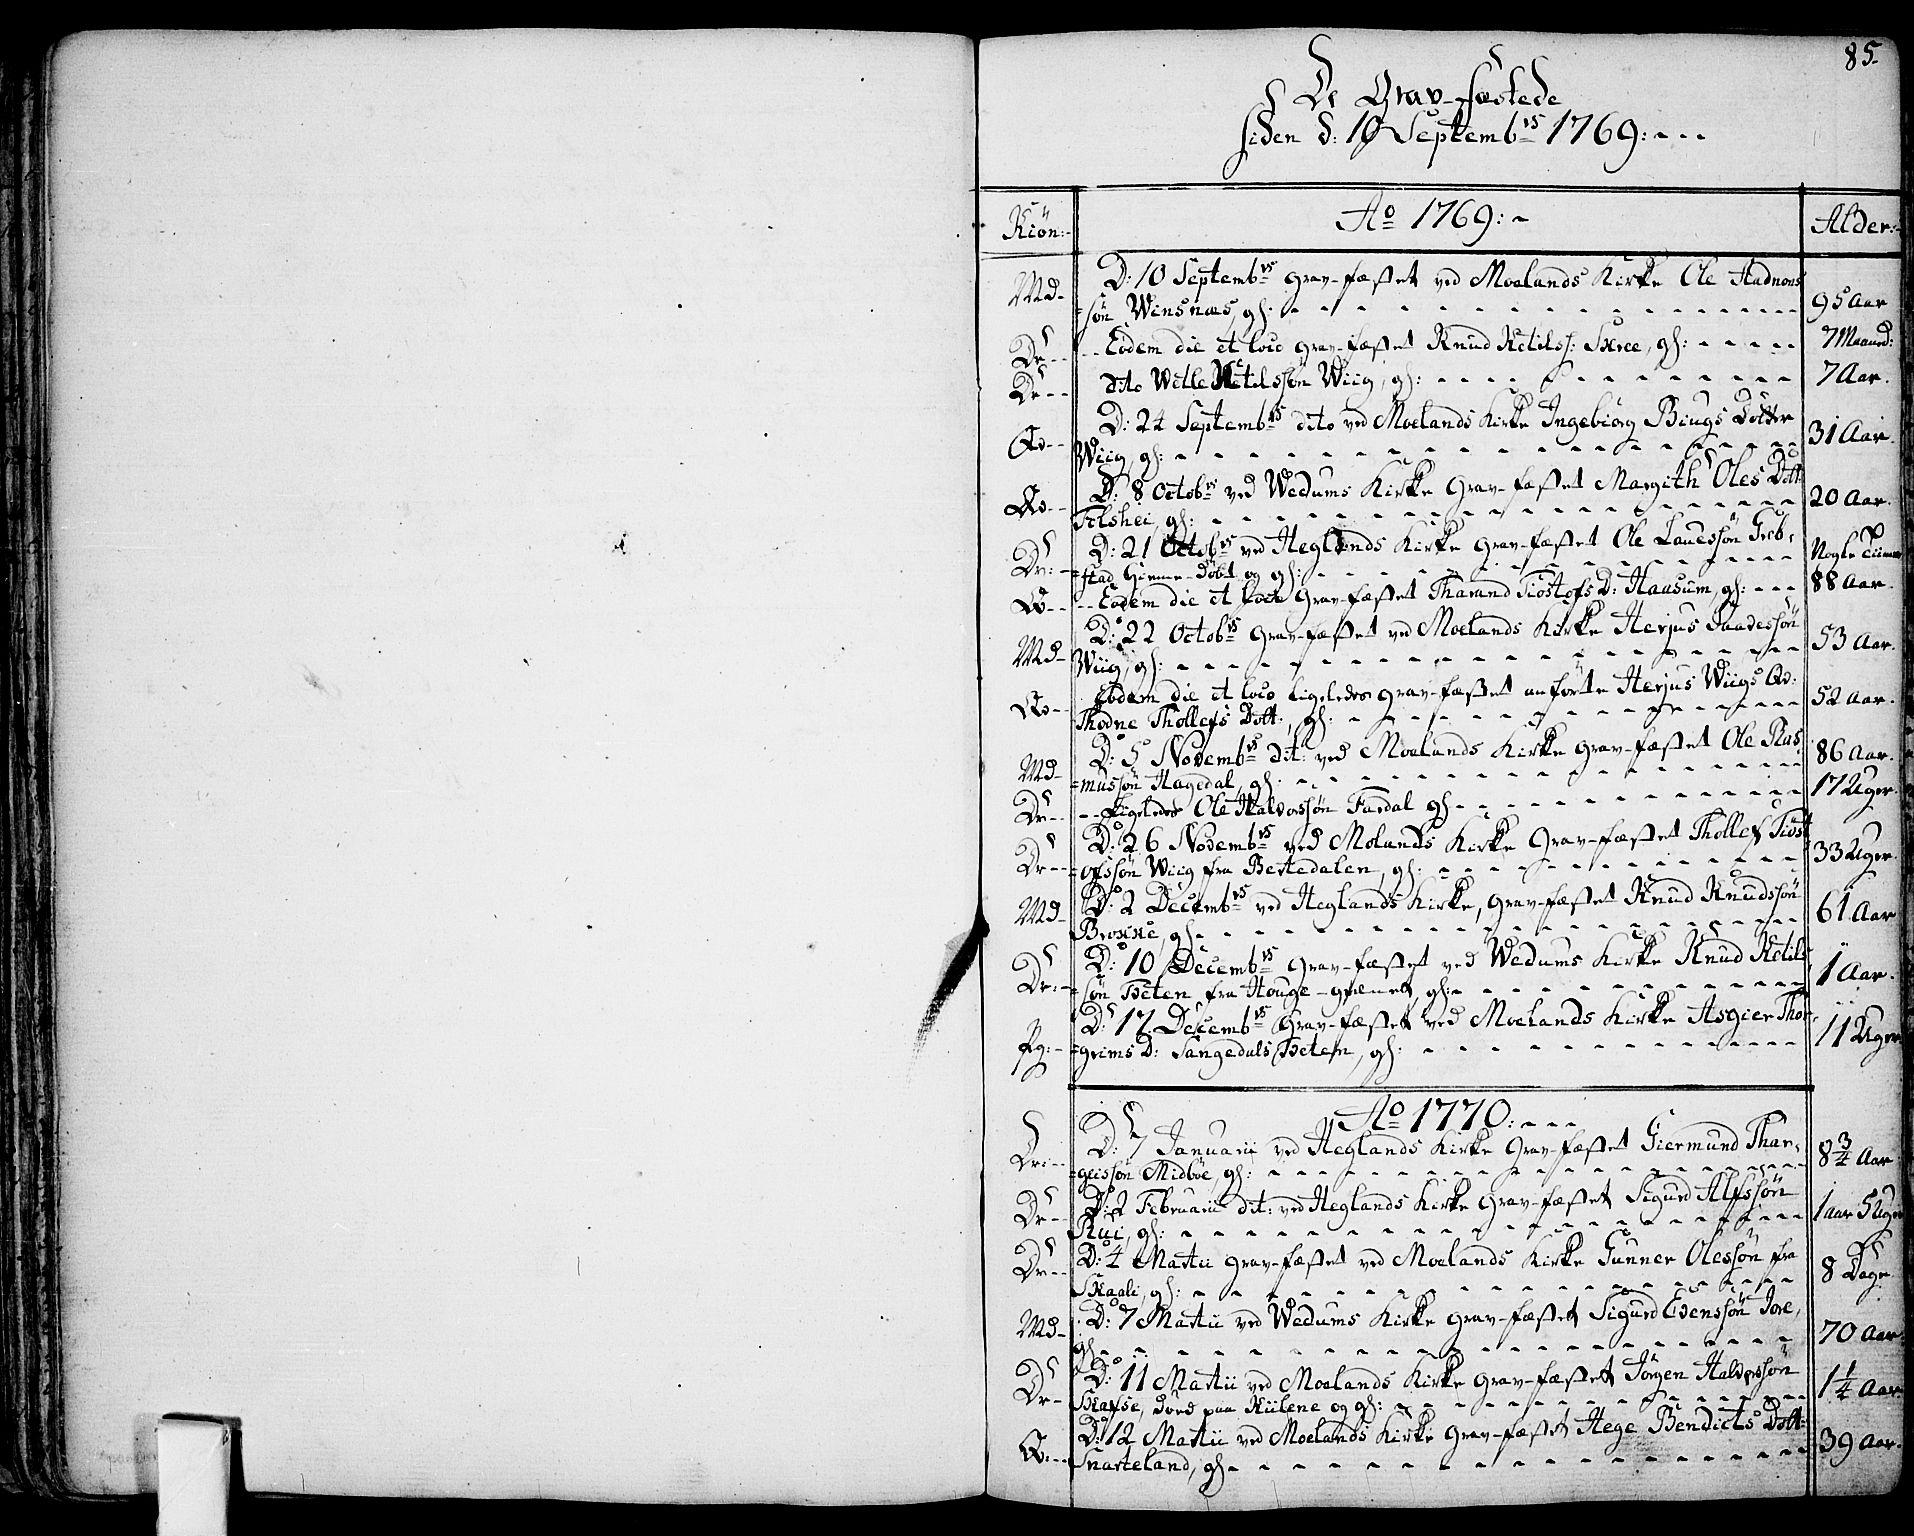 SAKO, Fyresdal kirkebøker, F/Fa/L0002: Ministerialbok nr. I 2, 1769-1814, s. 85